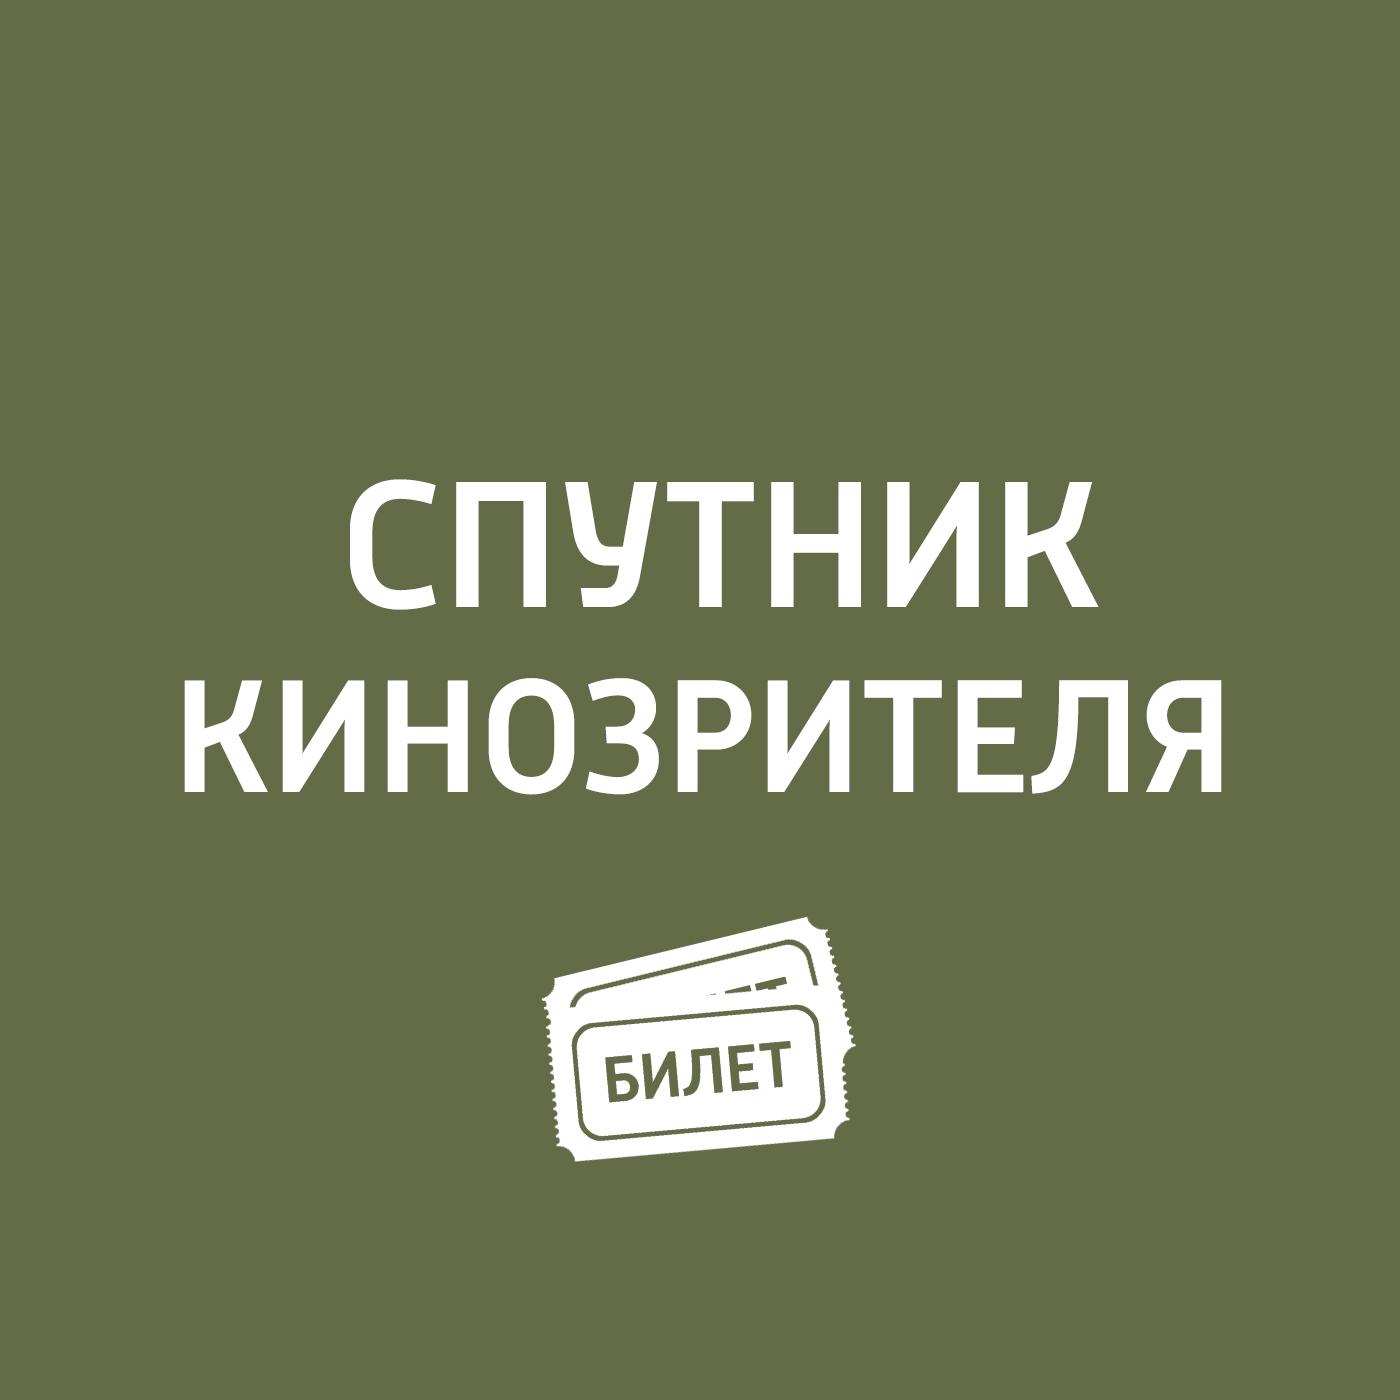 Антон Долин Премьеры: «Варкрафт, «Алиса в Зазеркалье, «Сент-Амур: Удовольствия любви цена